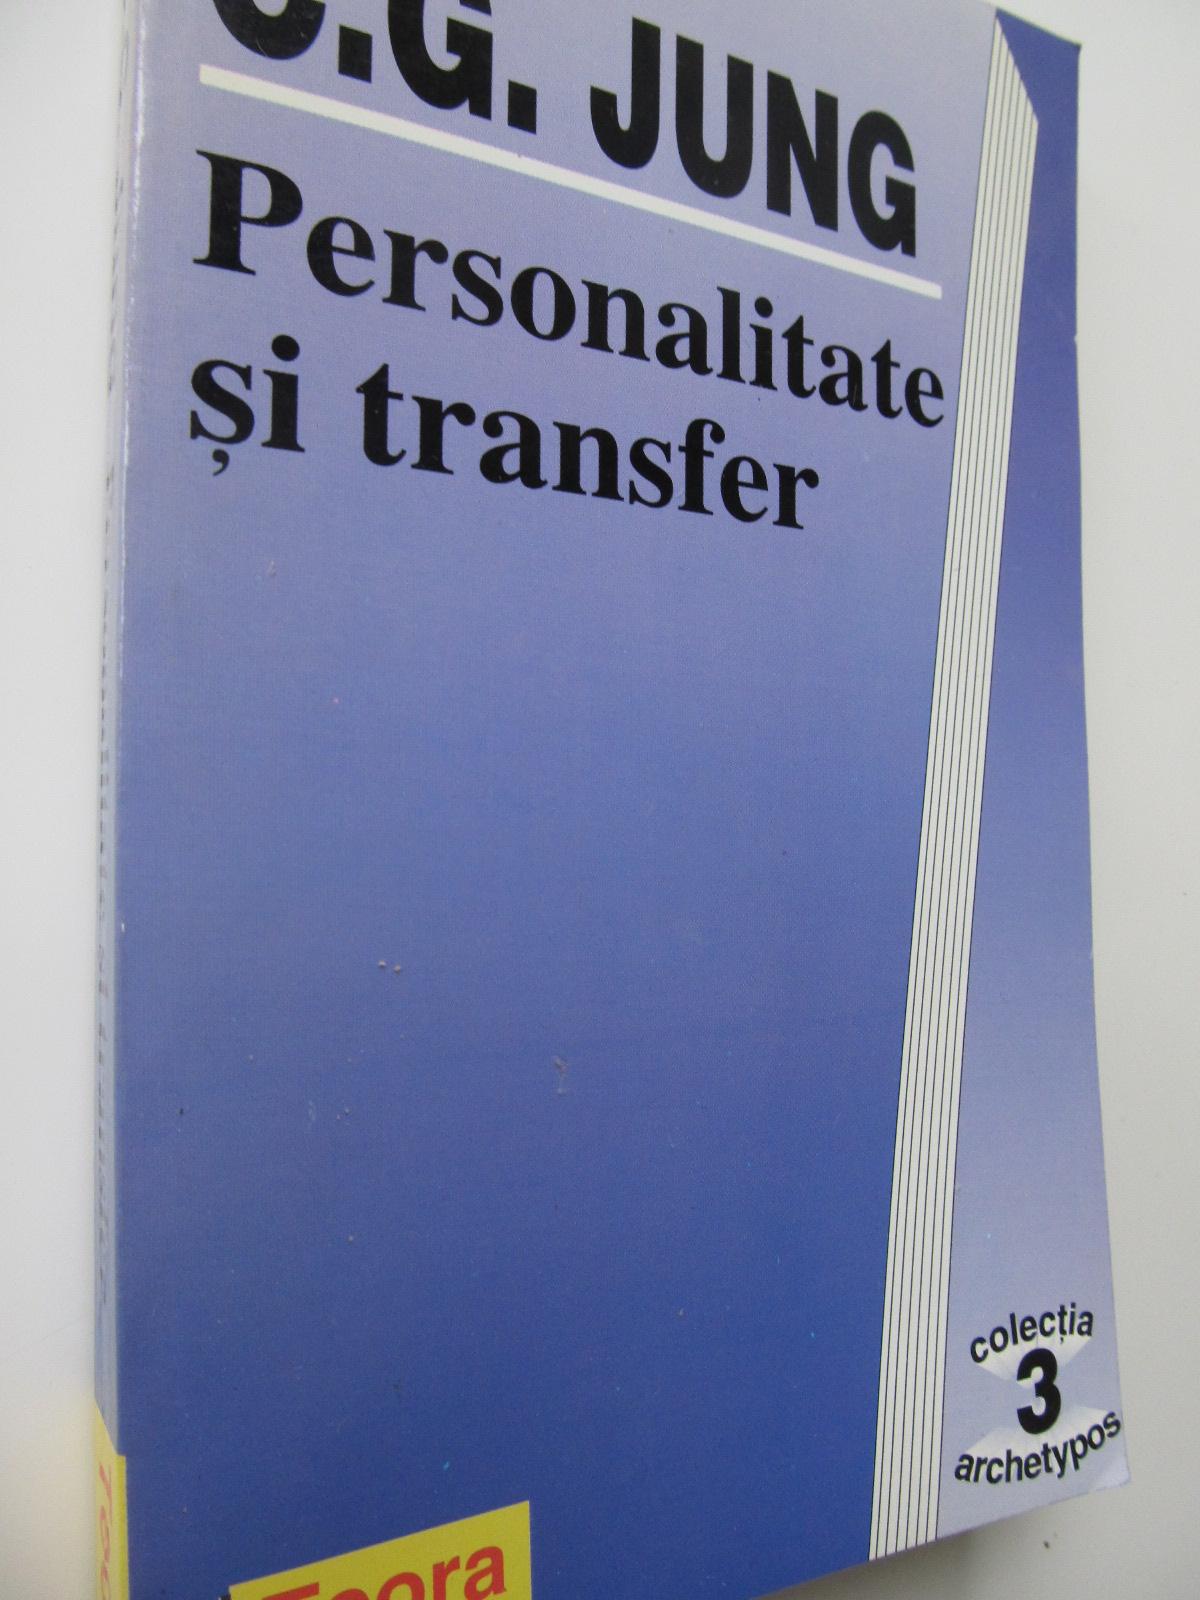 Personalitate si transfer - C. G. Jung | Detalii carte